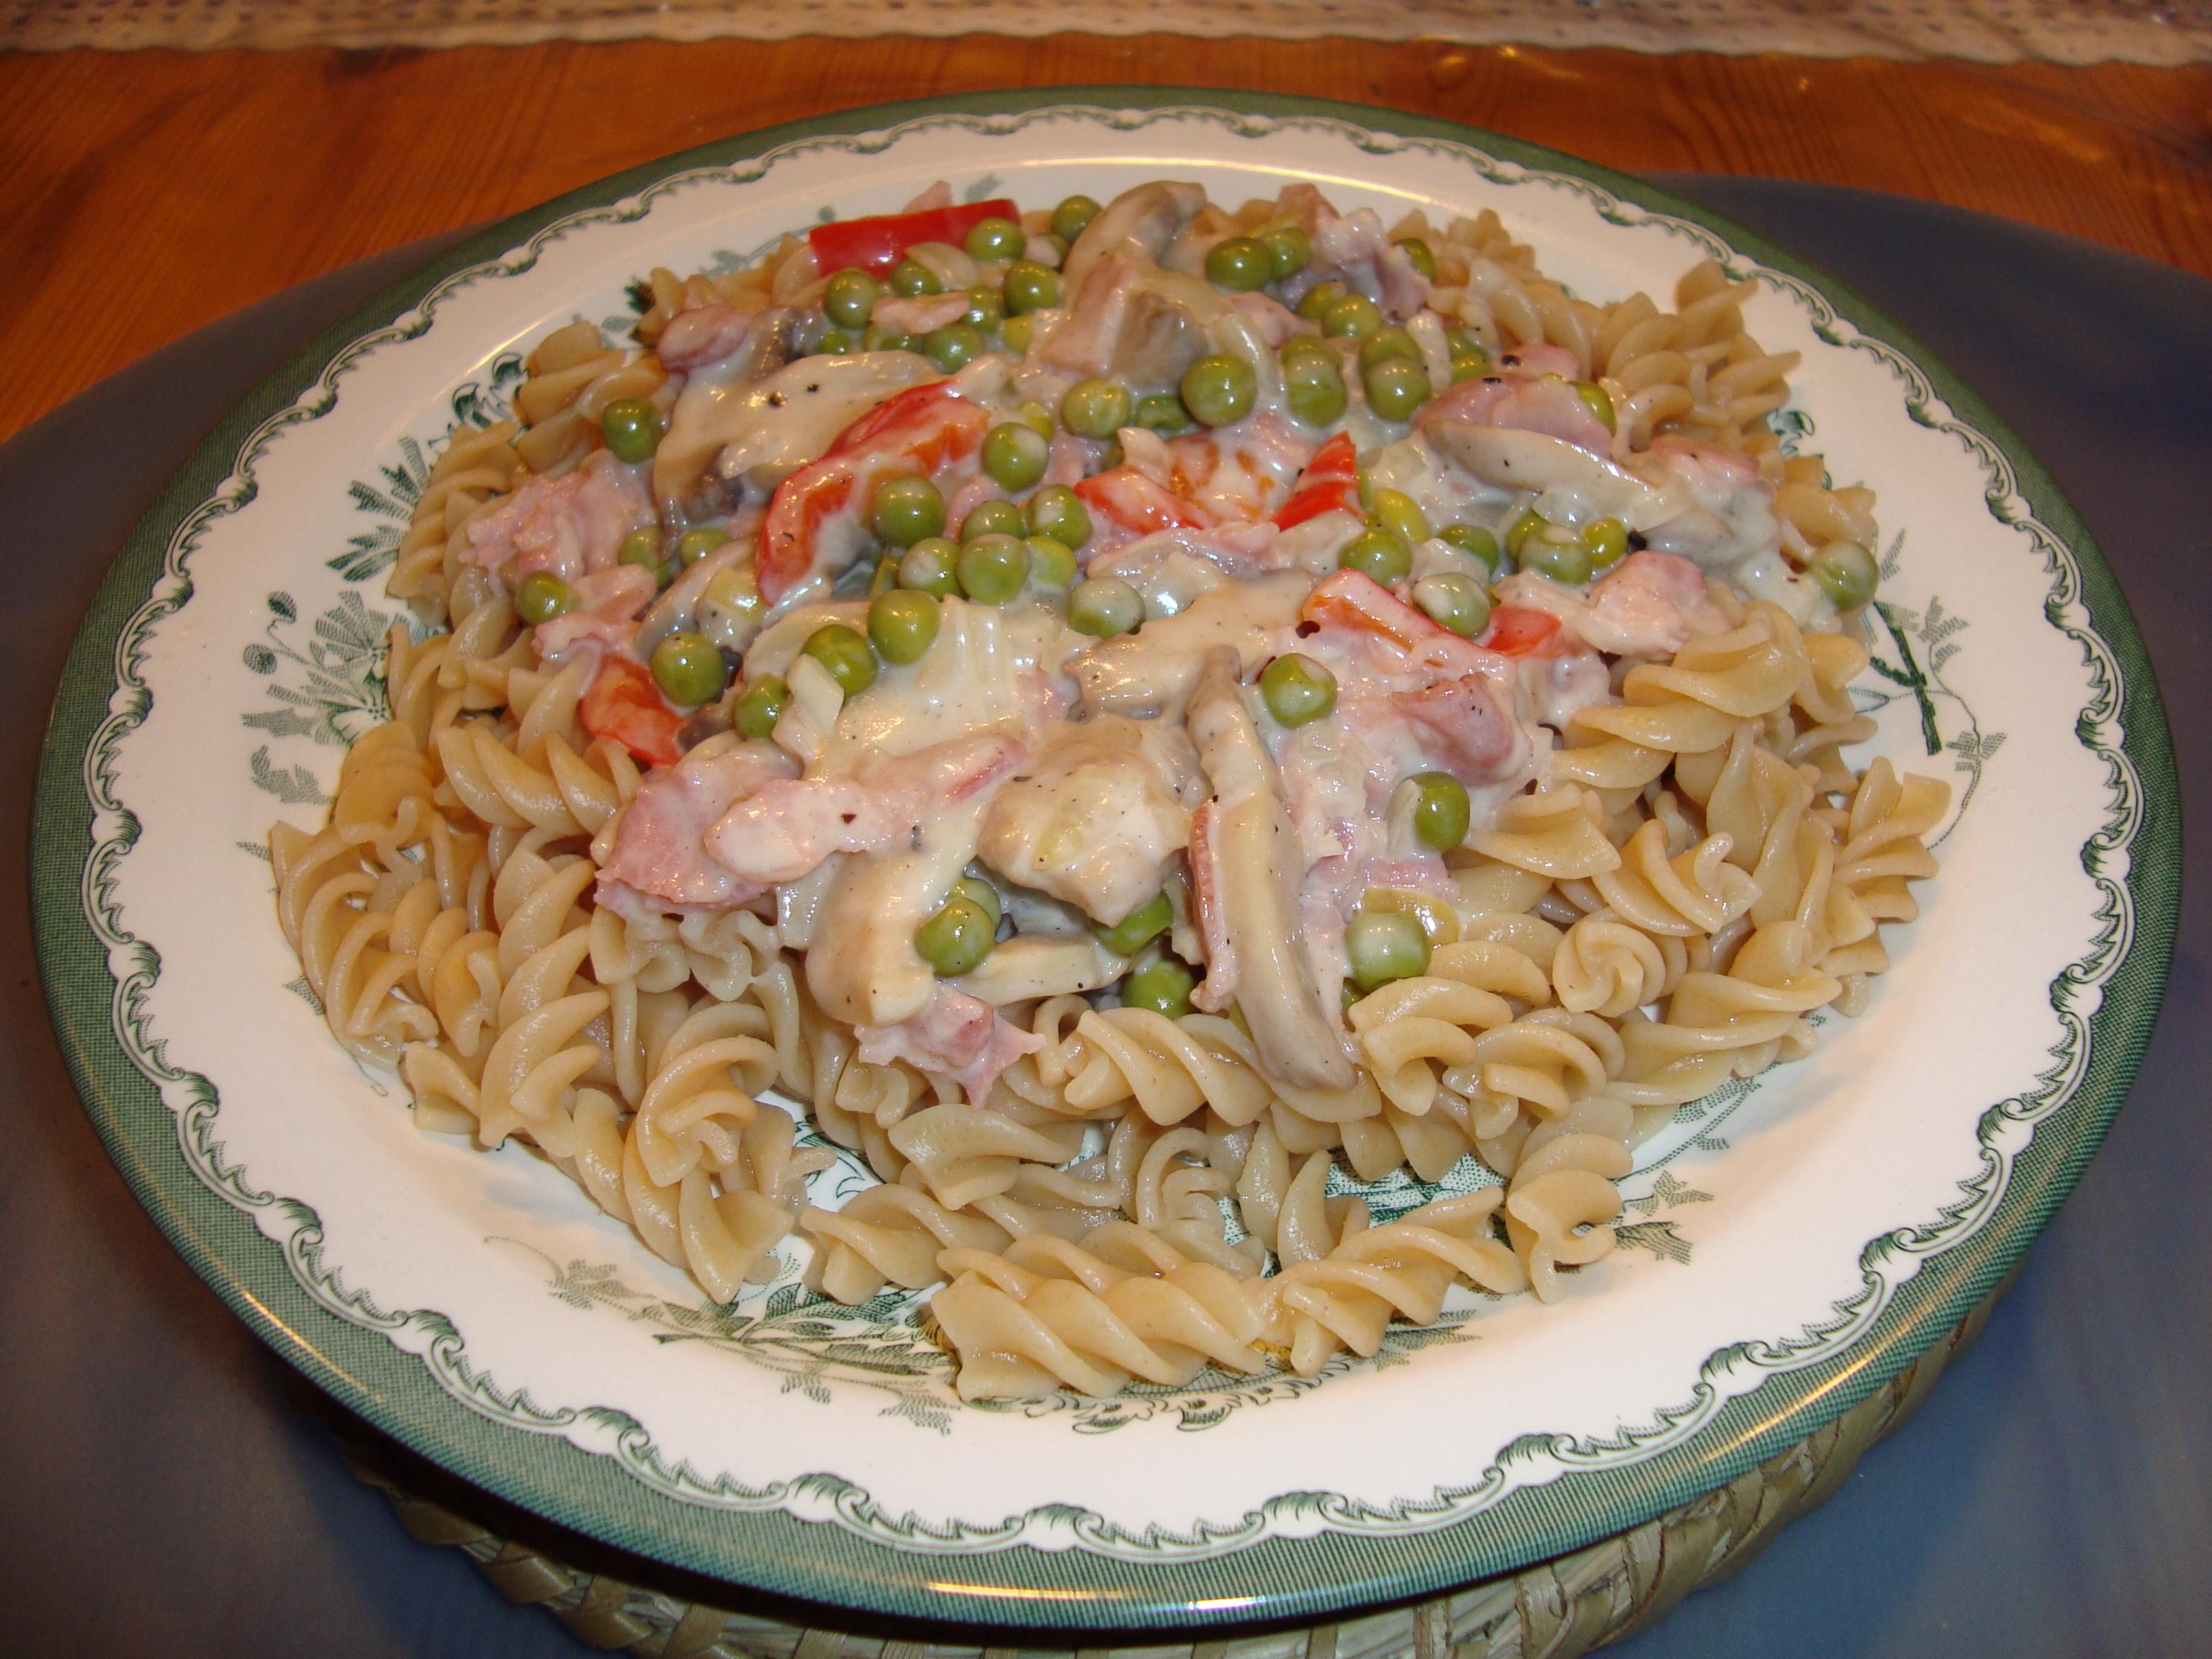 Enkel baconsås till pasta